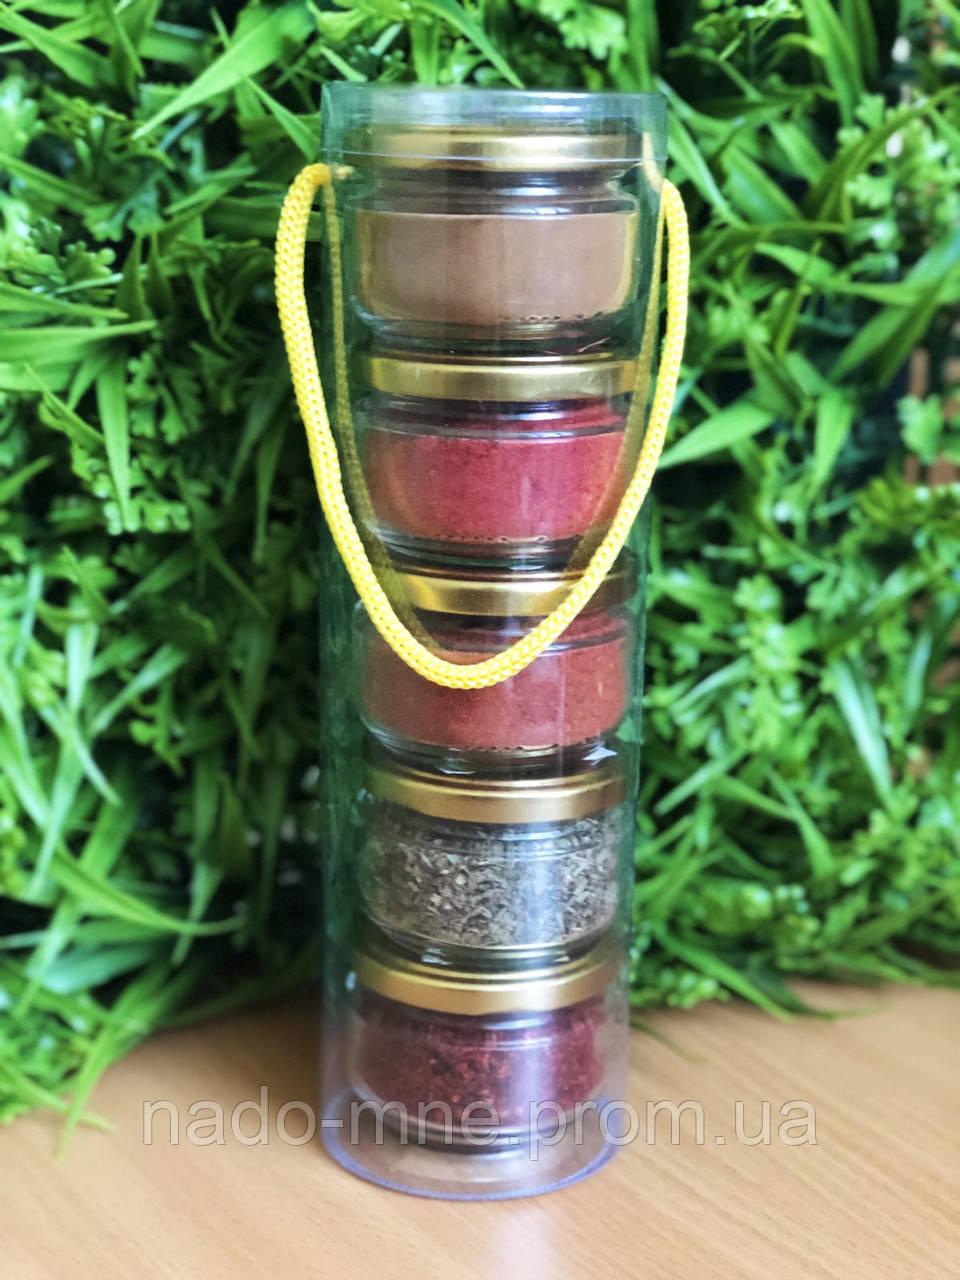 Подарочный набор из специй : орегано, сванская соль, чеснок, для первых блюд, для шашлыка